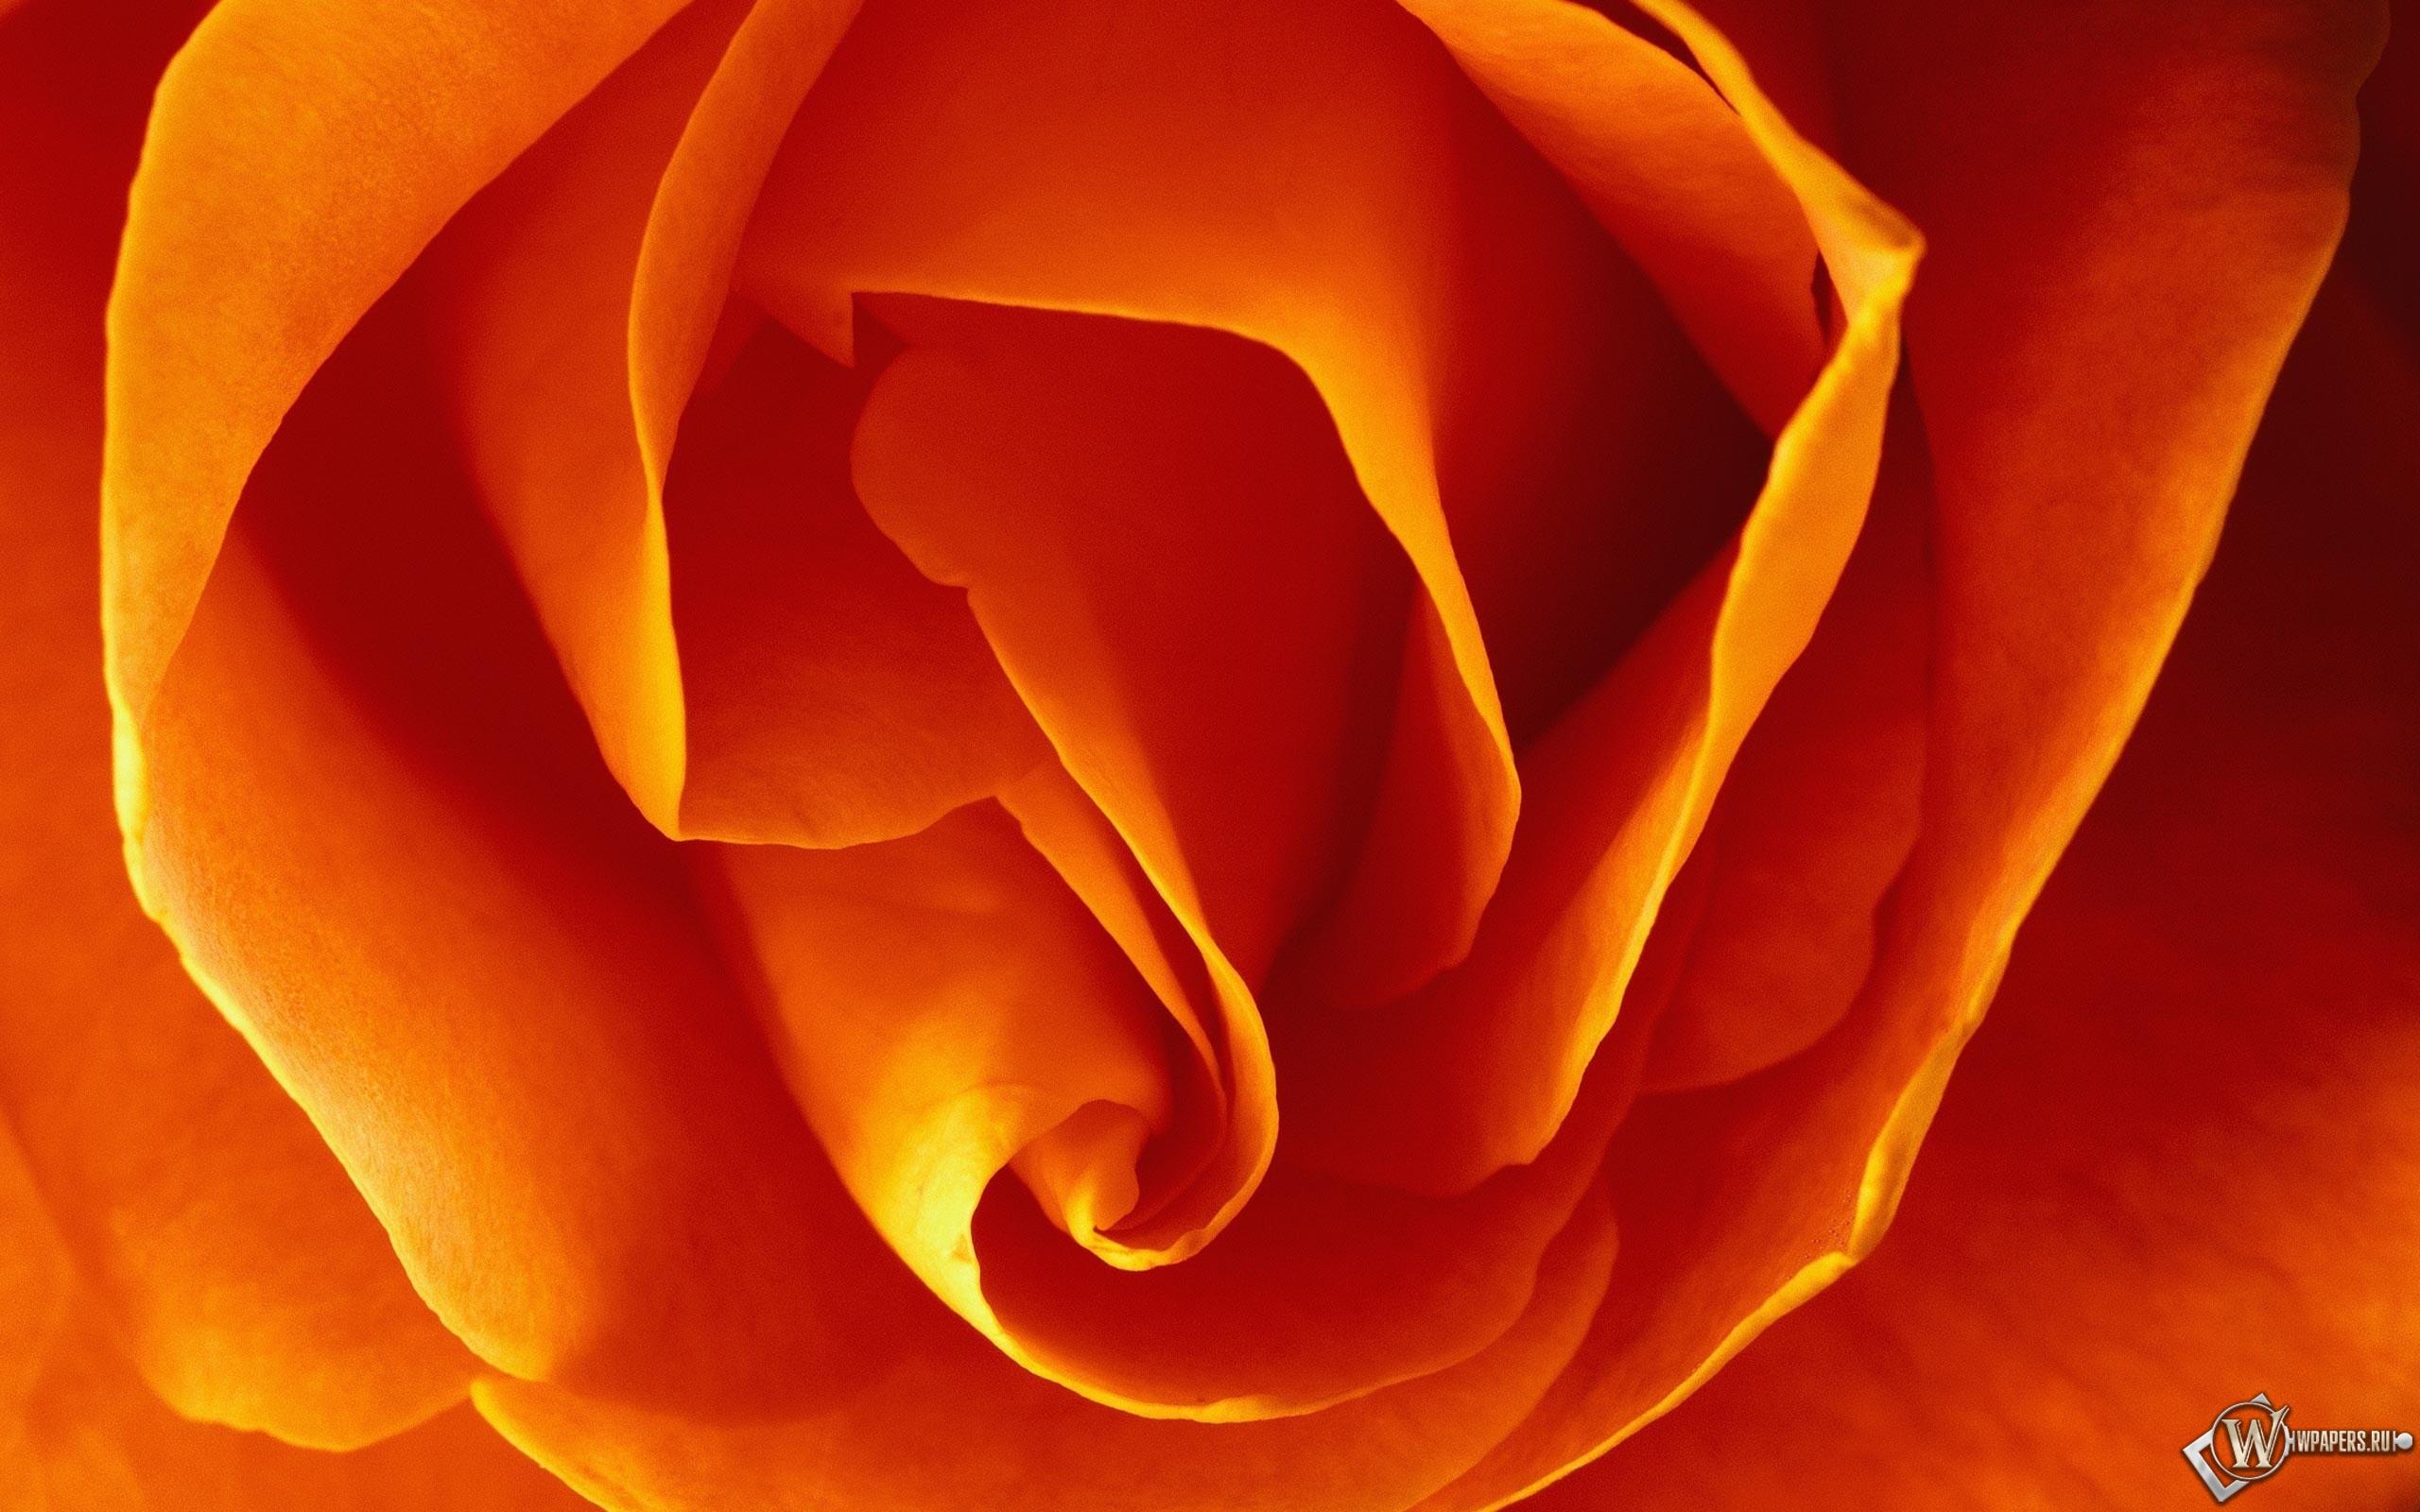 Бутон оранжевой розы 2560x1600